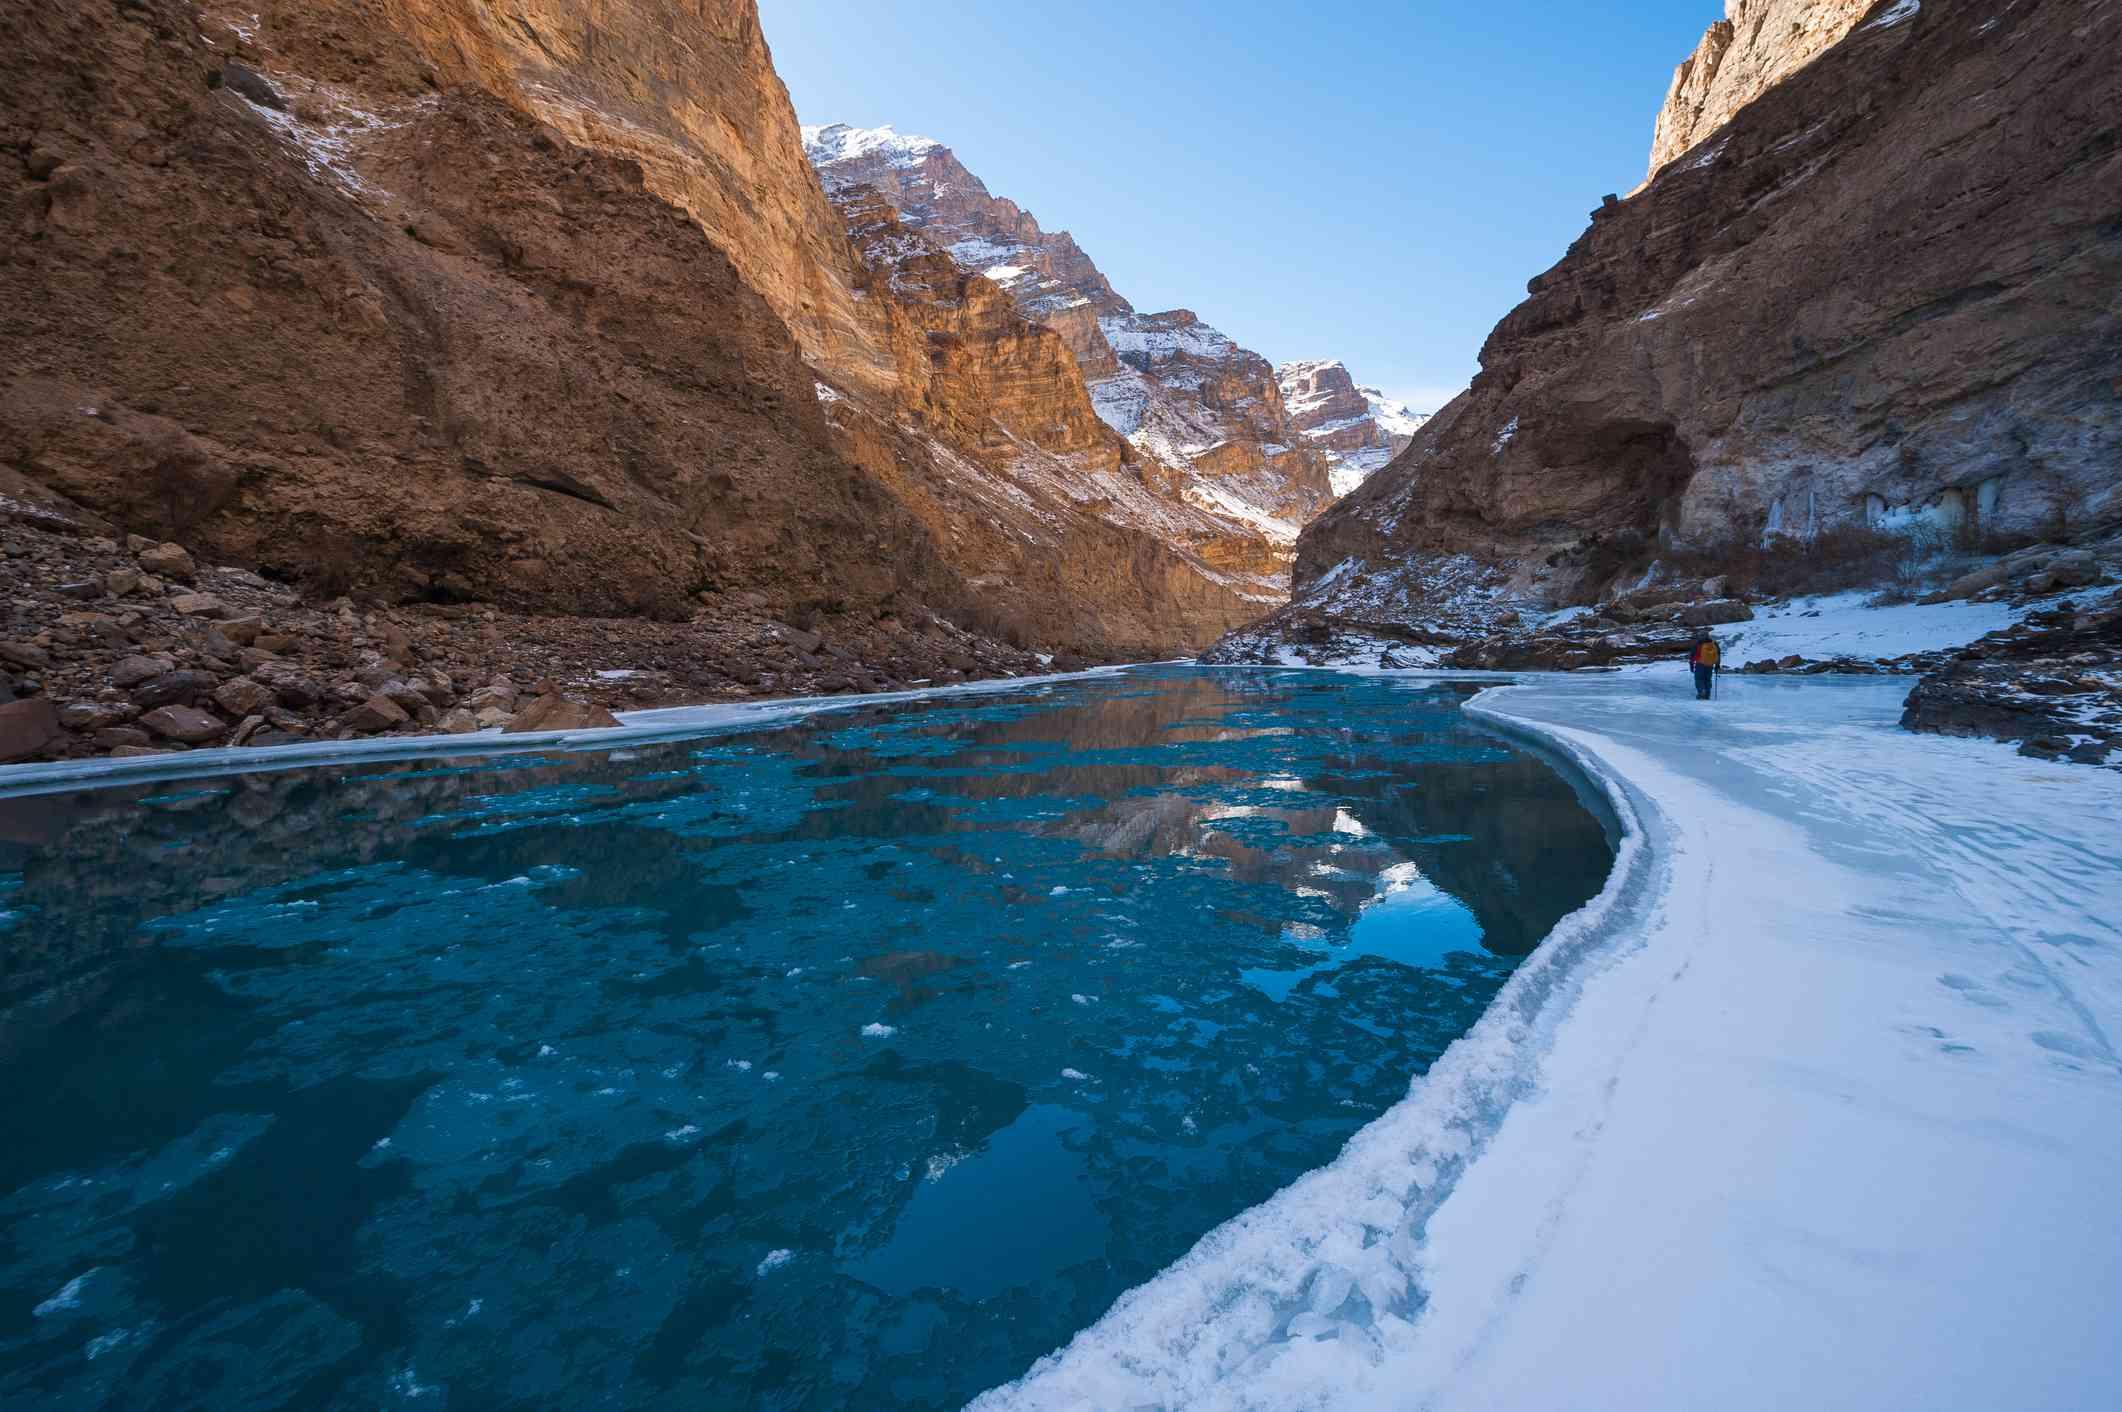 Chadar Trek or Trekking on Frozen Zanskar River